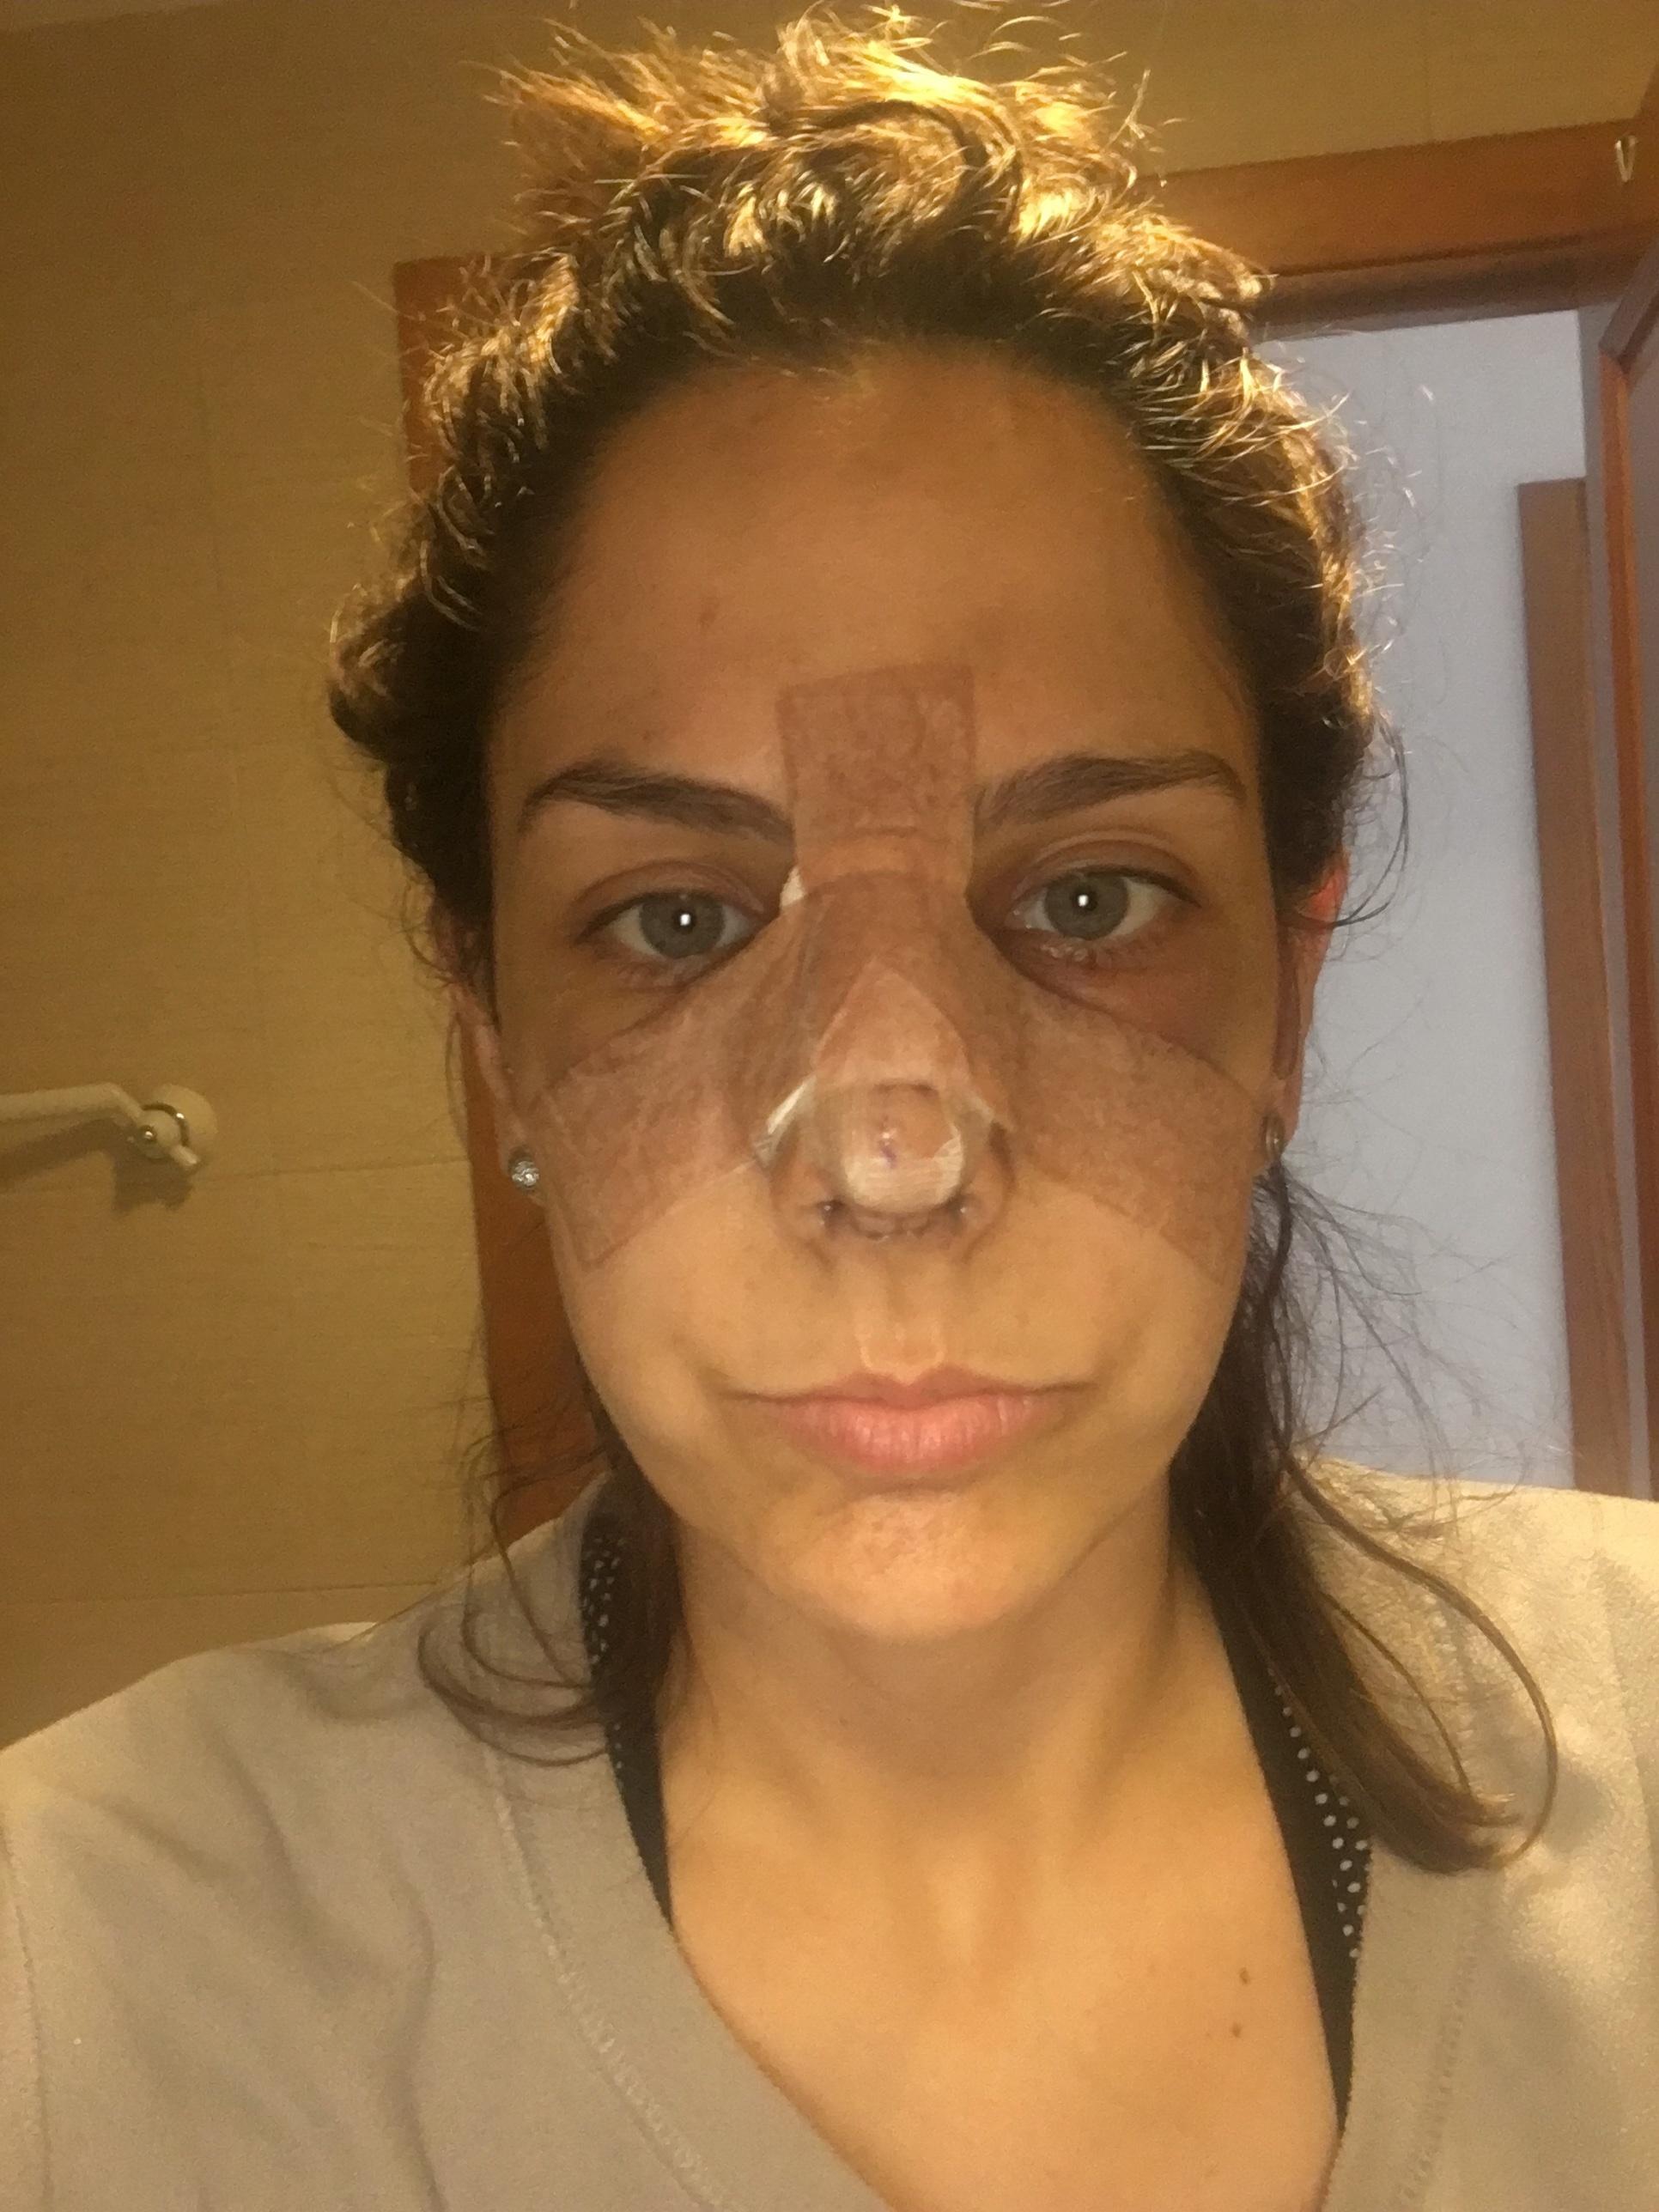 cuanto+tiempo+dura+la+recuperacion+de+cirugia+de+nariz